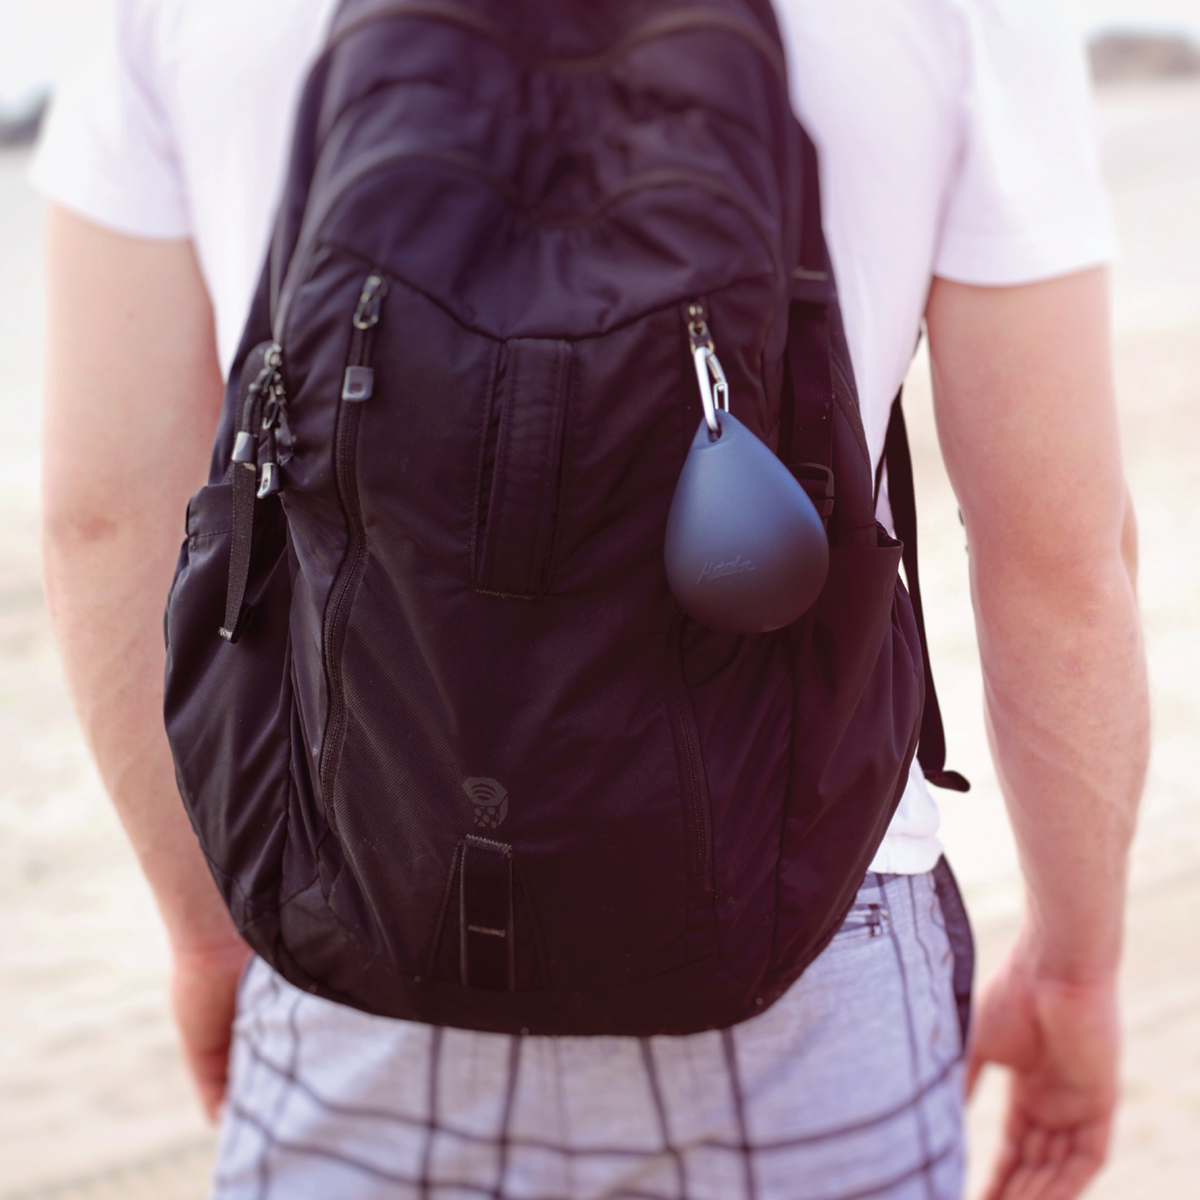 手のひらサイズになる大容量バッグ|XLサイズ | 濡らしたくないもの・濡れたものを入れられる《完全防水》圧縮バッグ | Matador DROPLET XL DRY BAG